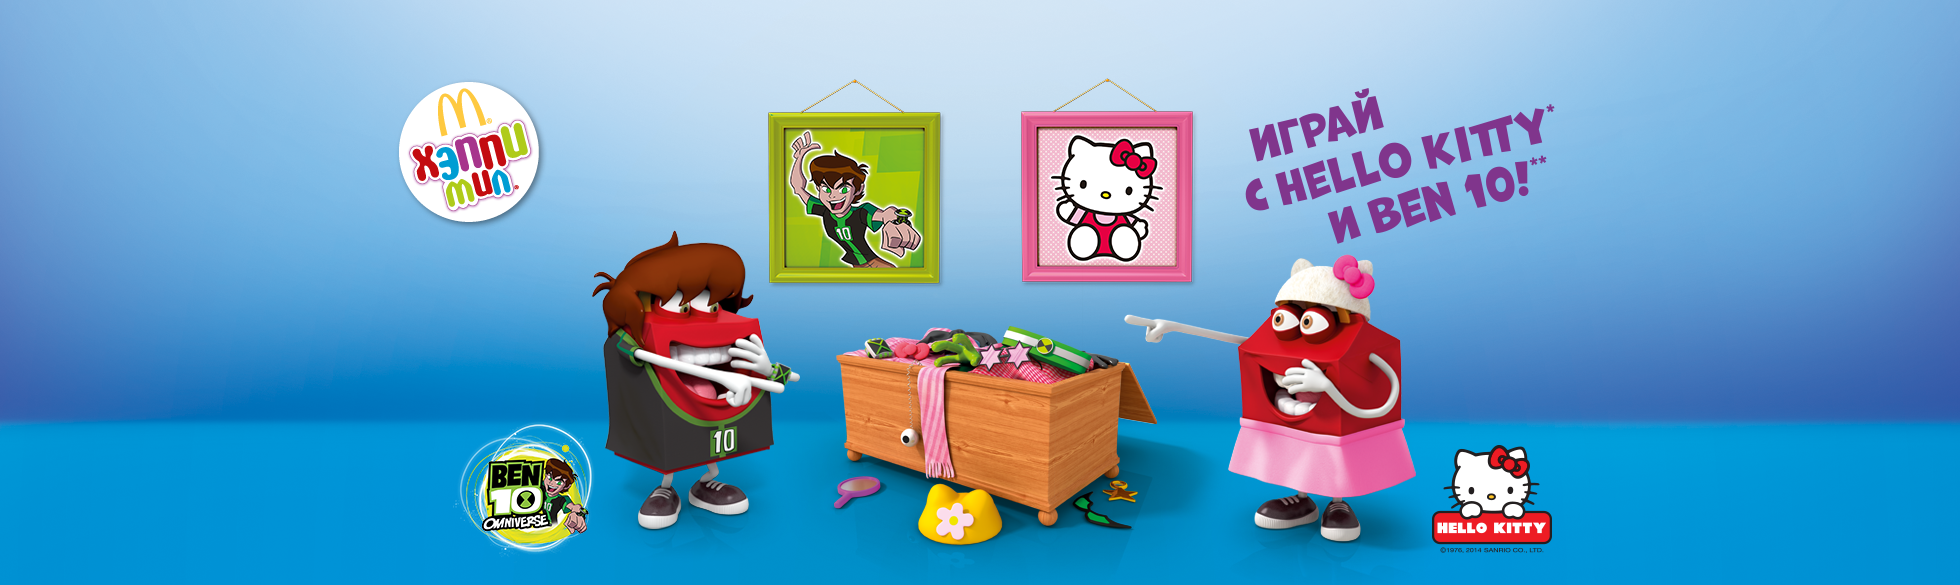 Какие игрушки сейчас в Макдоналдсе? Игрушки в Макдональдсе август 2014?